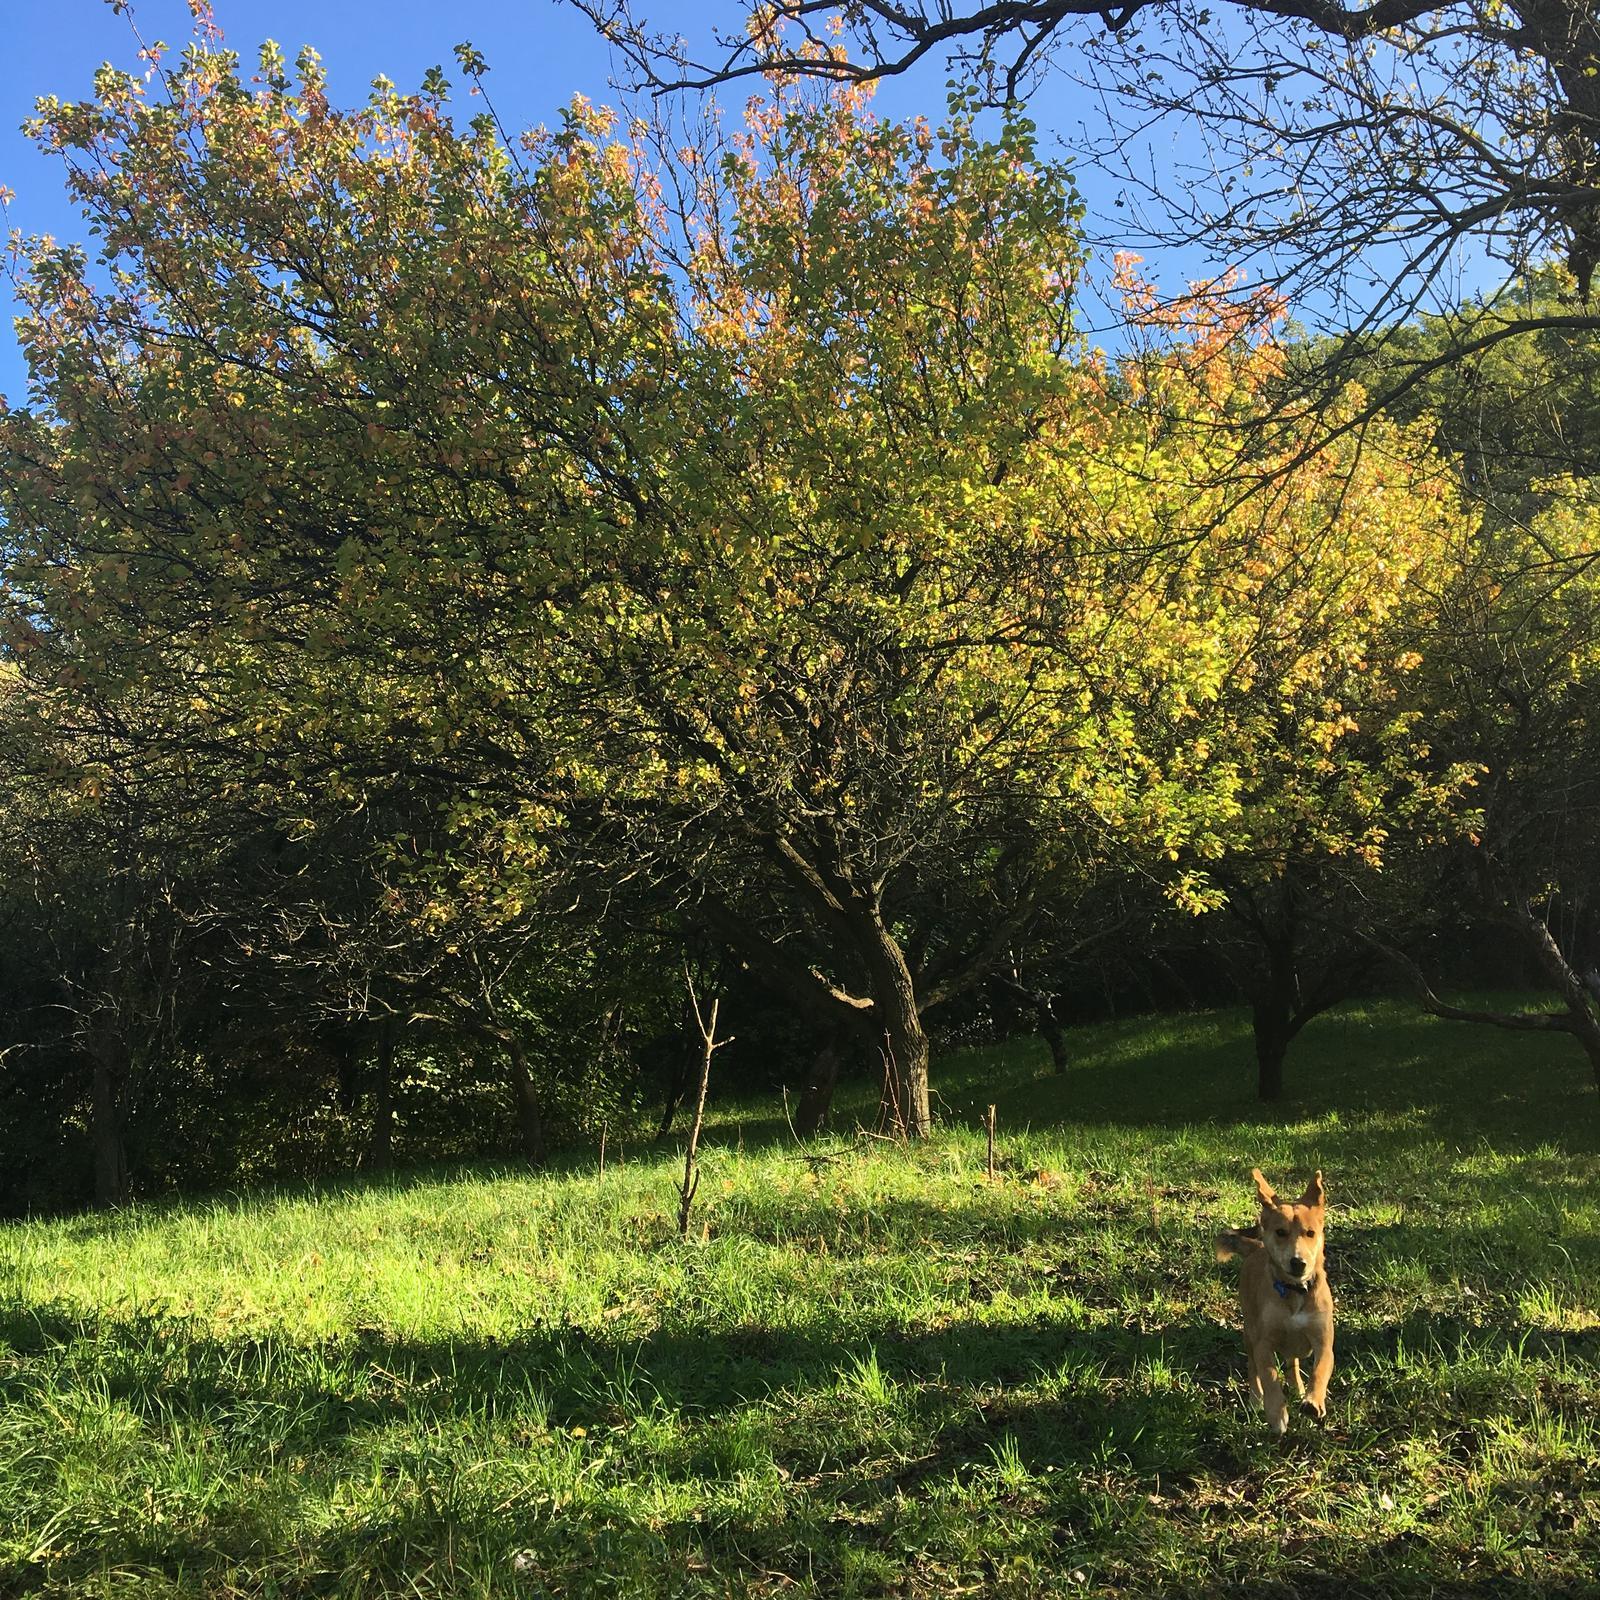 Na samote u lesa - Obrázok č. 306